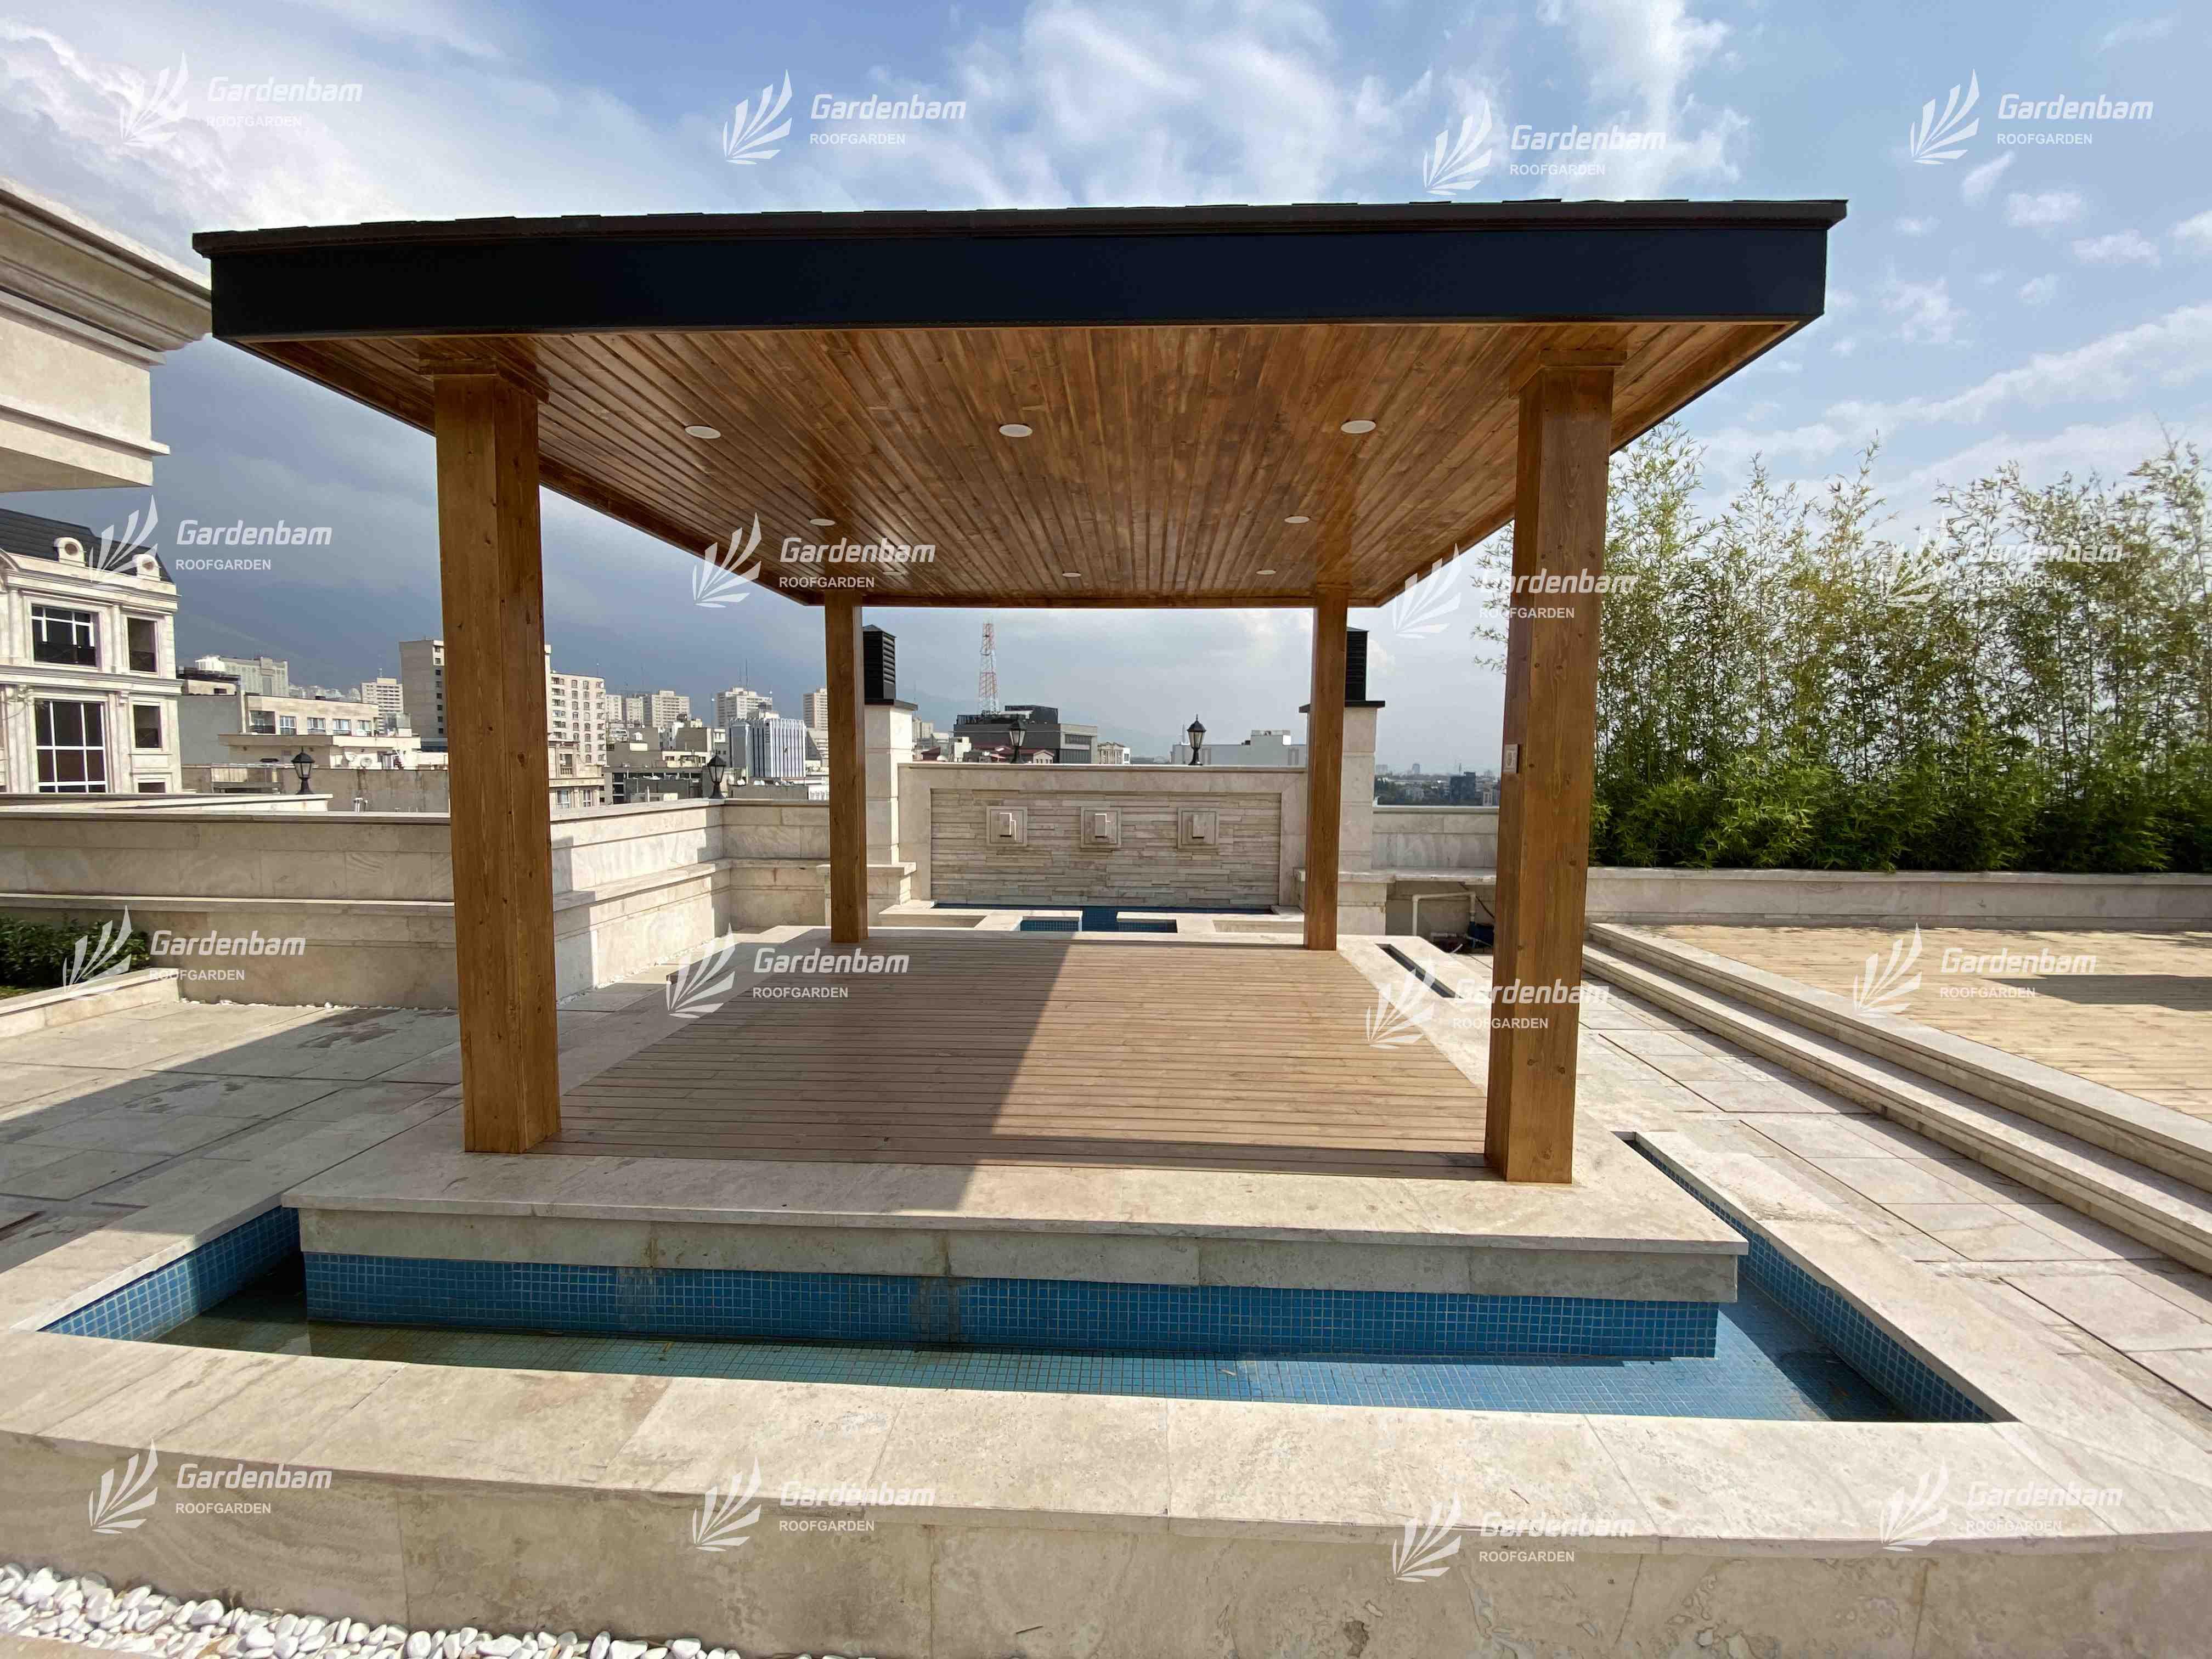 روف گاردن | روفگاردن | بام سبز | طراحی و اجرای روف گاردن| بام سبز شرکت گاردن بام- پروژه سعادت آباد